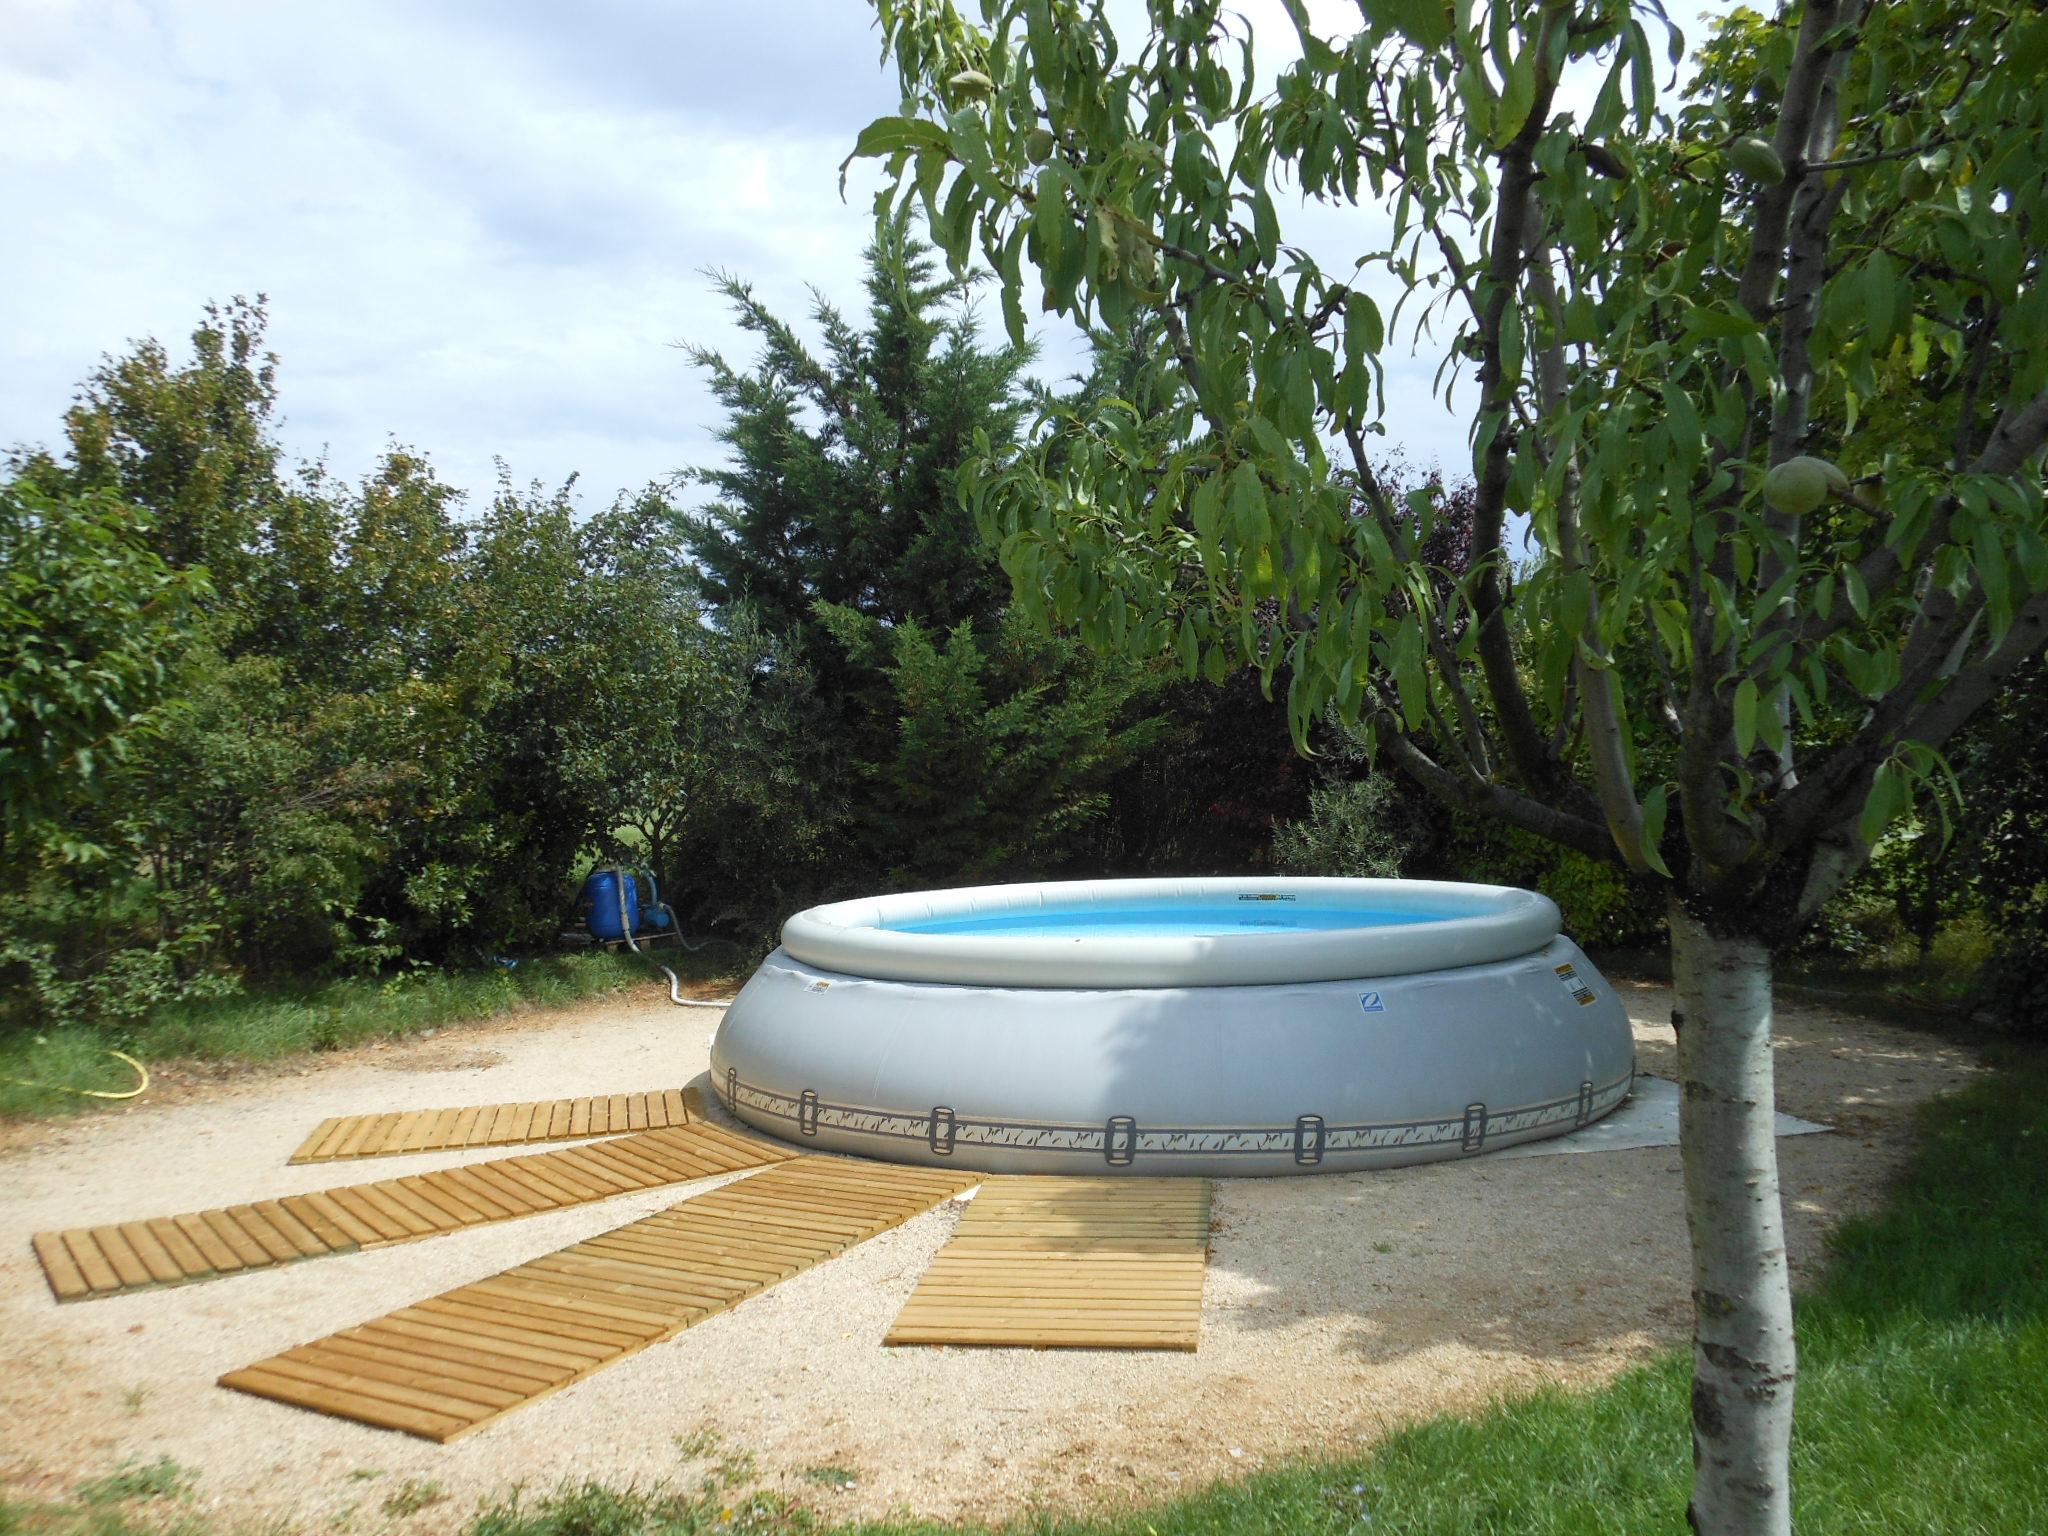 piscine circulaire auto port e de la maison bleue location g te de groupe familial 20. Black Bedroom Furniture Sets. Home Design Ideas